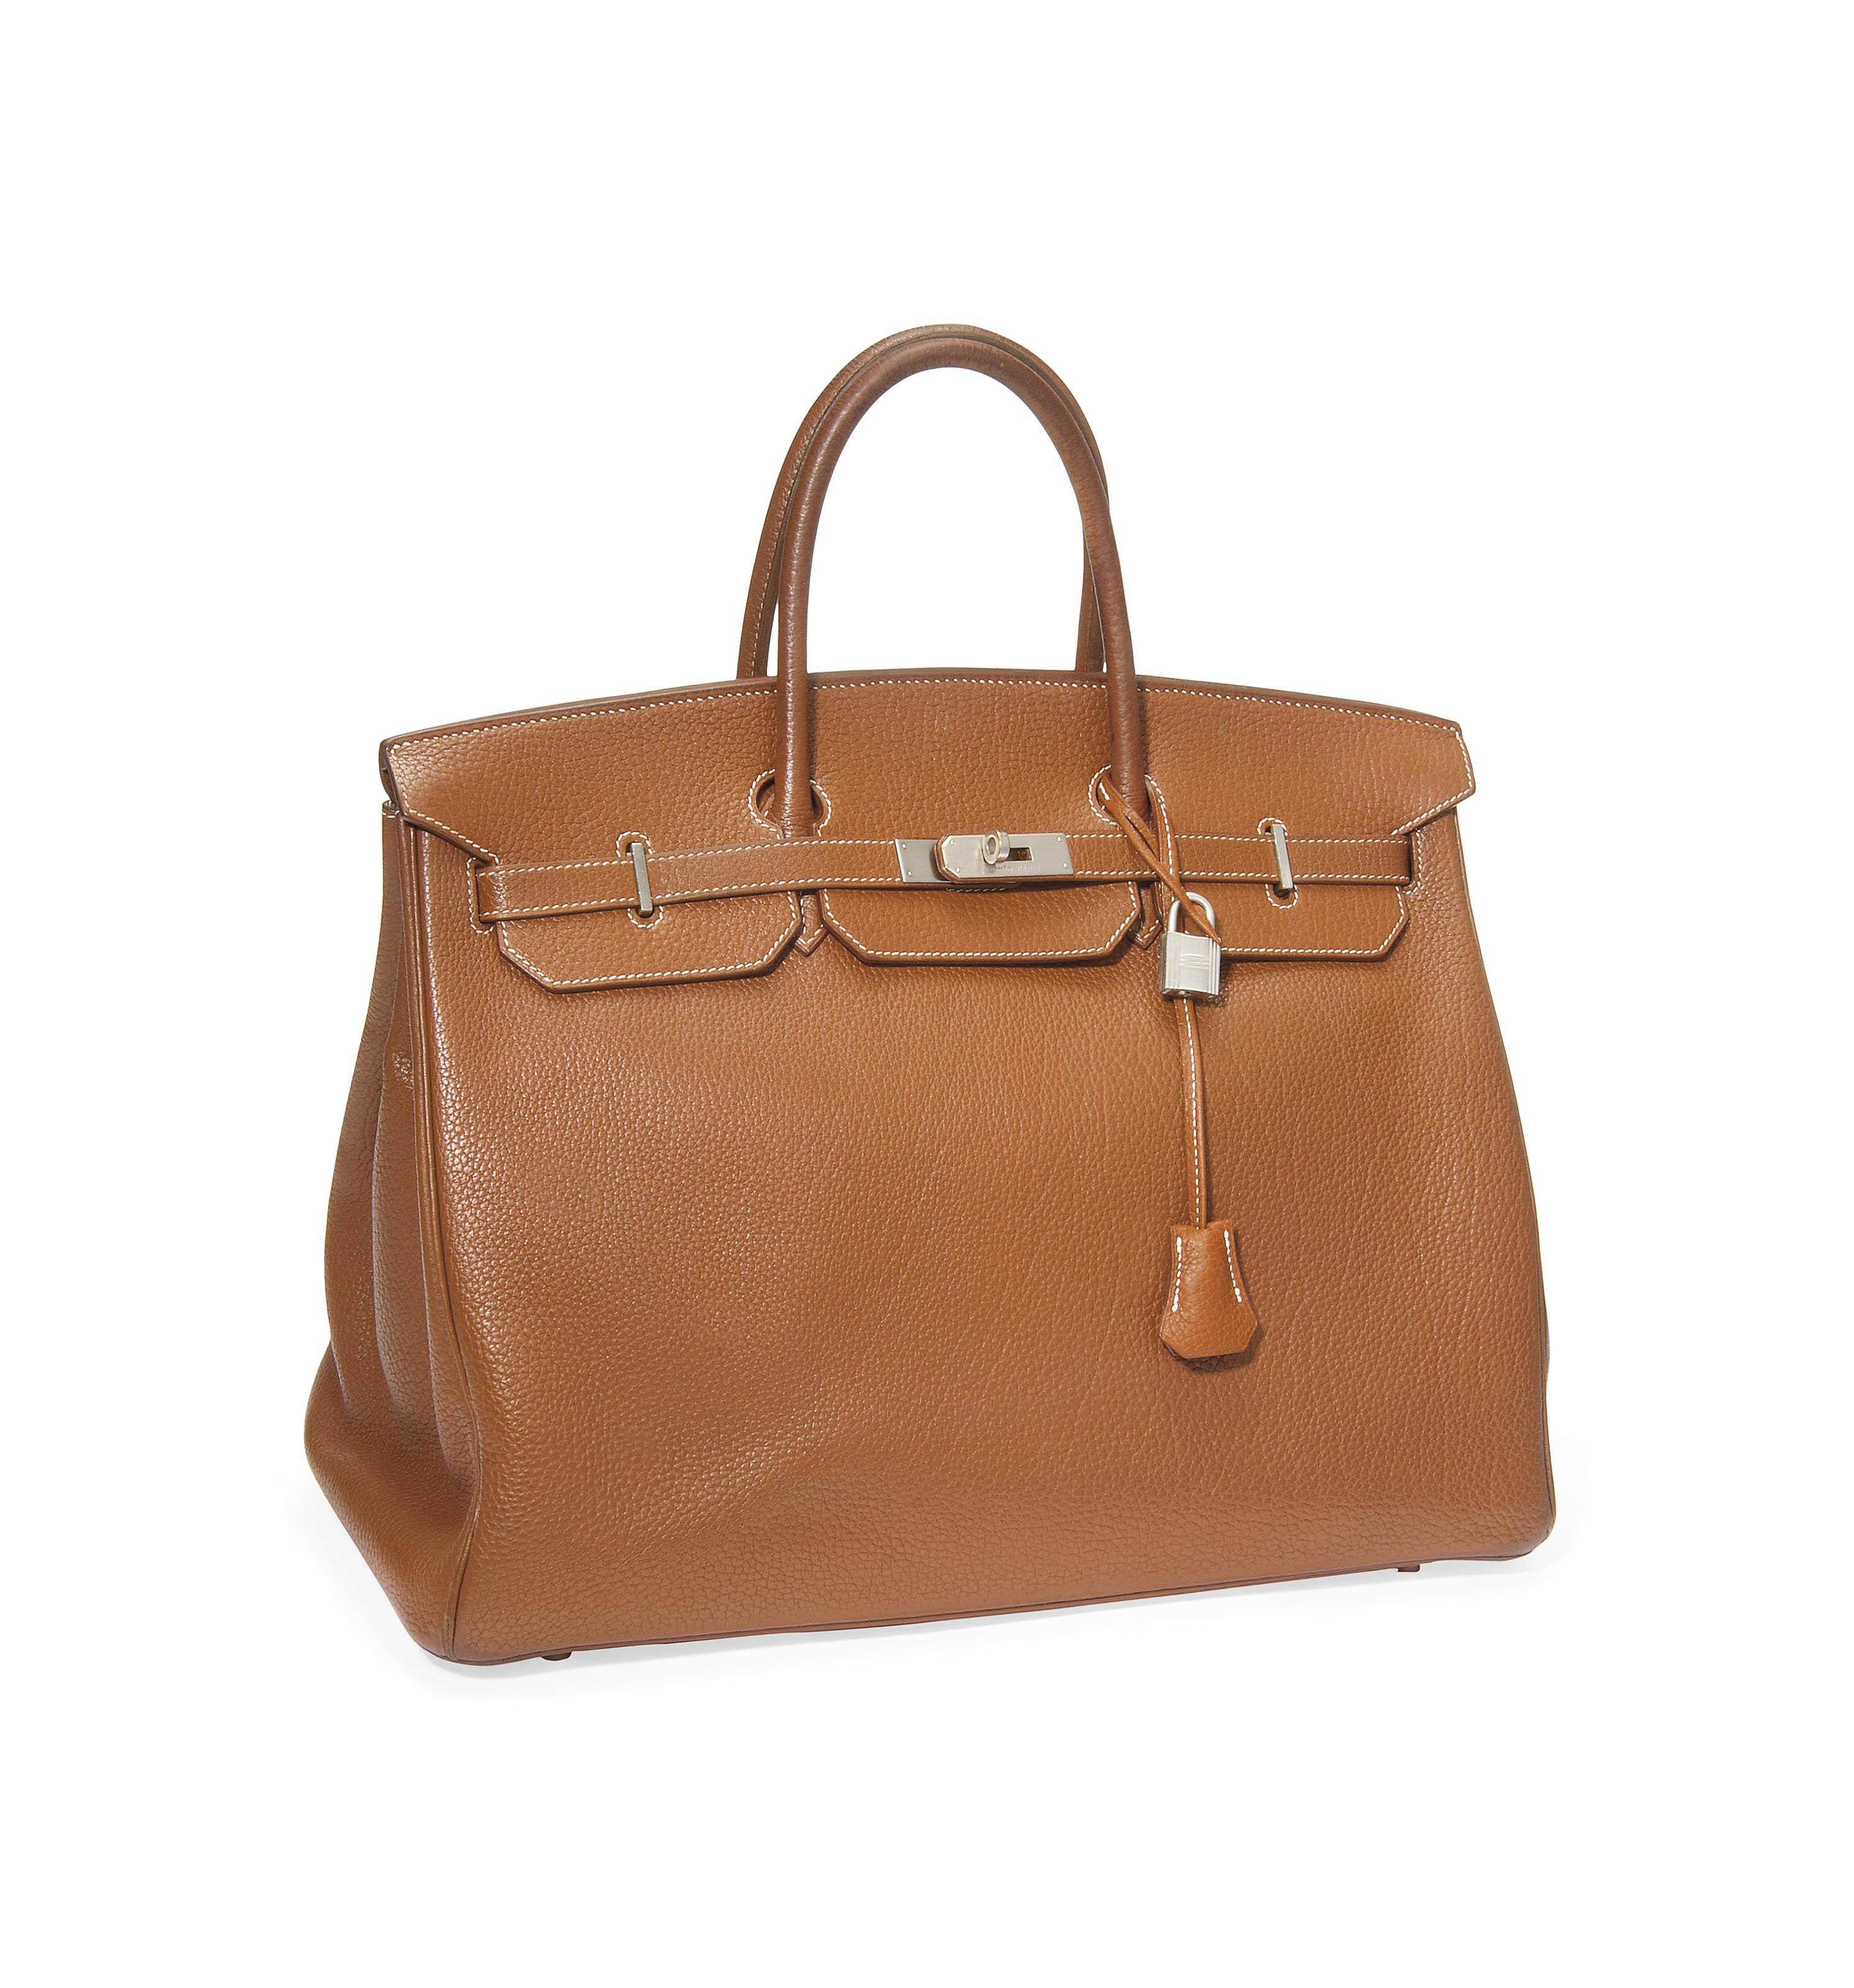 3306b9222e49 ... cheap a brown leather birkin bag hermÈs 2001 21st century bags 43bf8  192a6